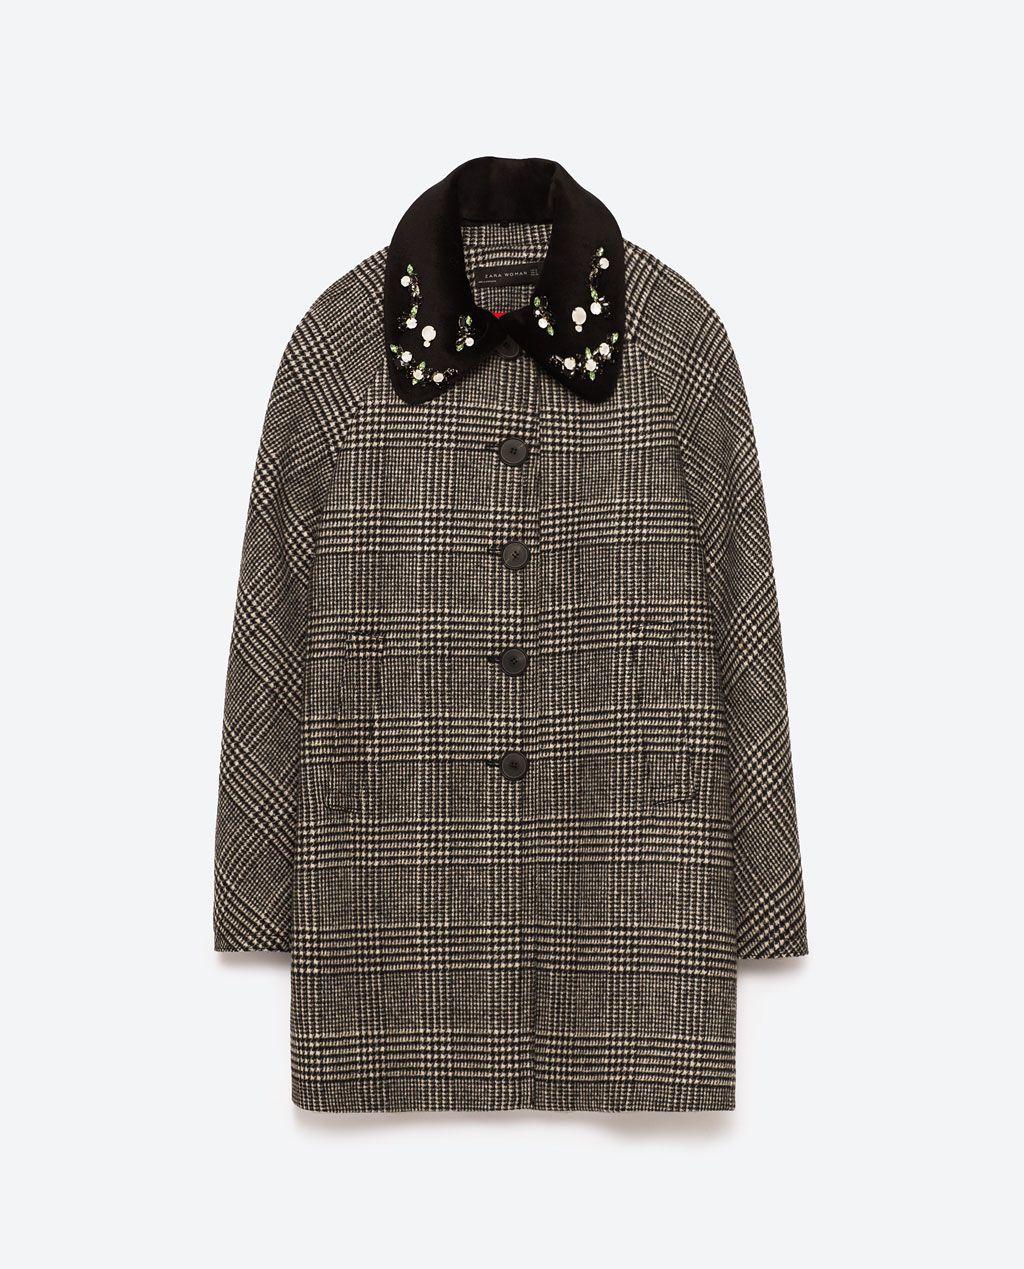 Cappotto a quadri con strass sul collo Zara inverno 2017 prezzo 139 euro